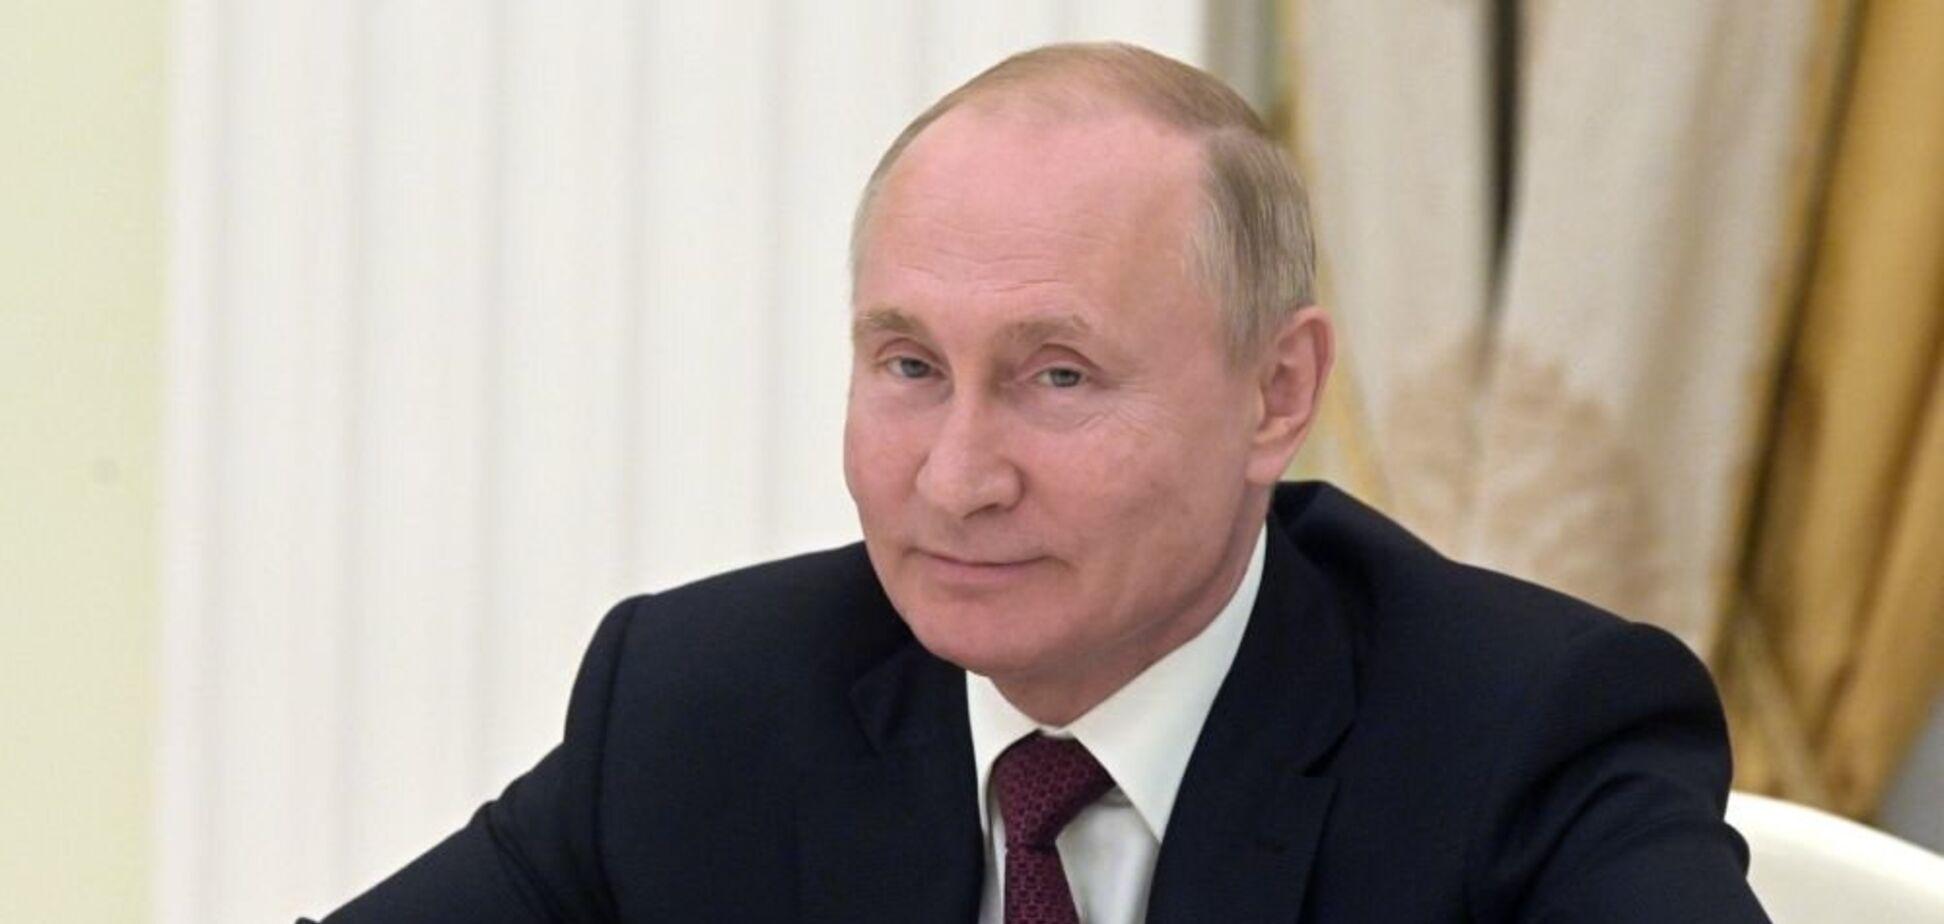 'Путин умер': популярнейший во времена Майдана сайт устал ждать смерти главы РФ